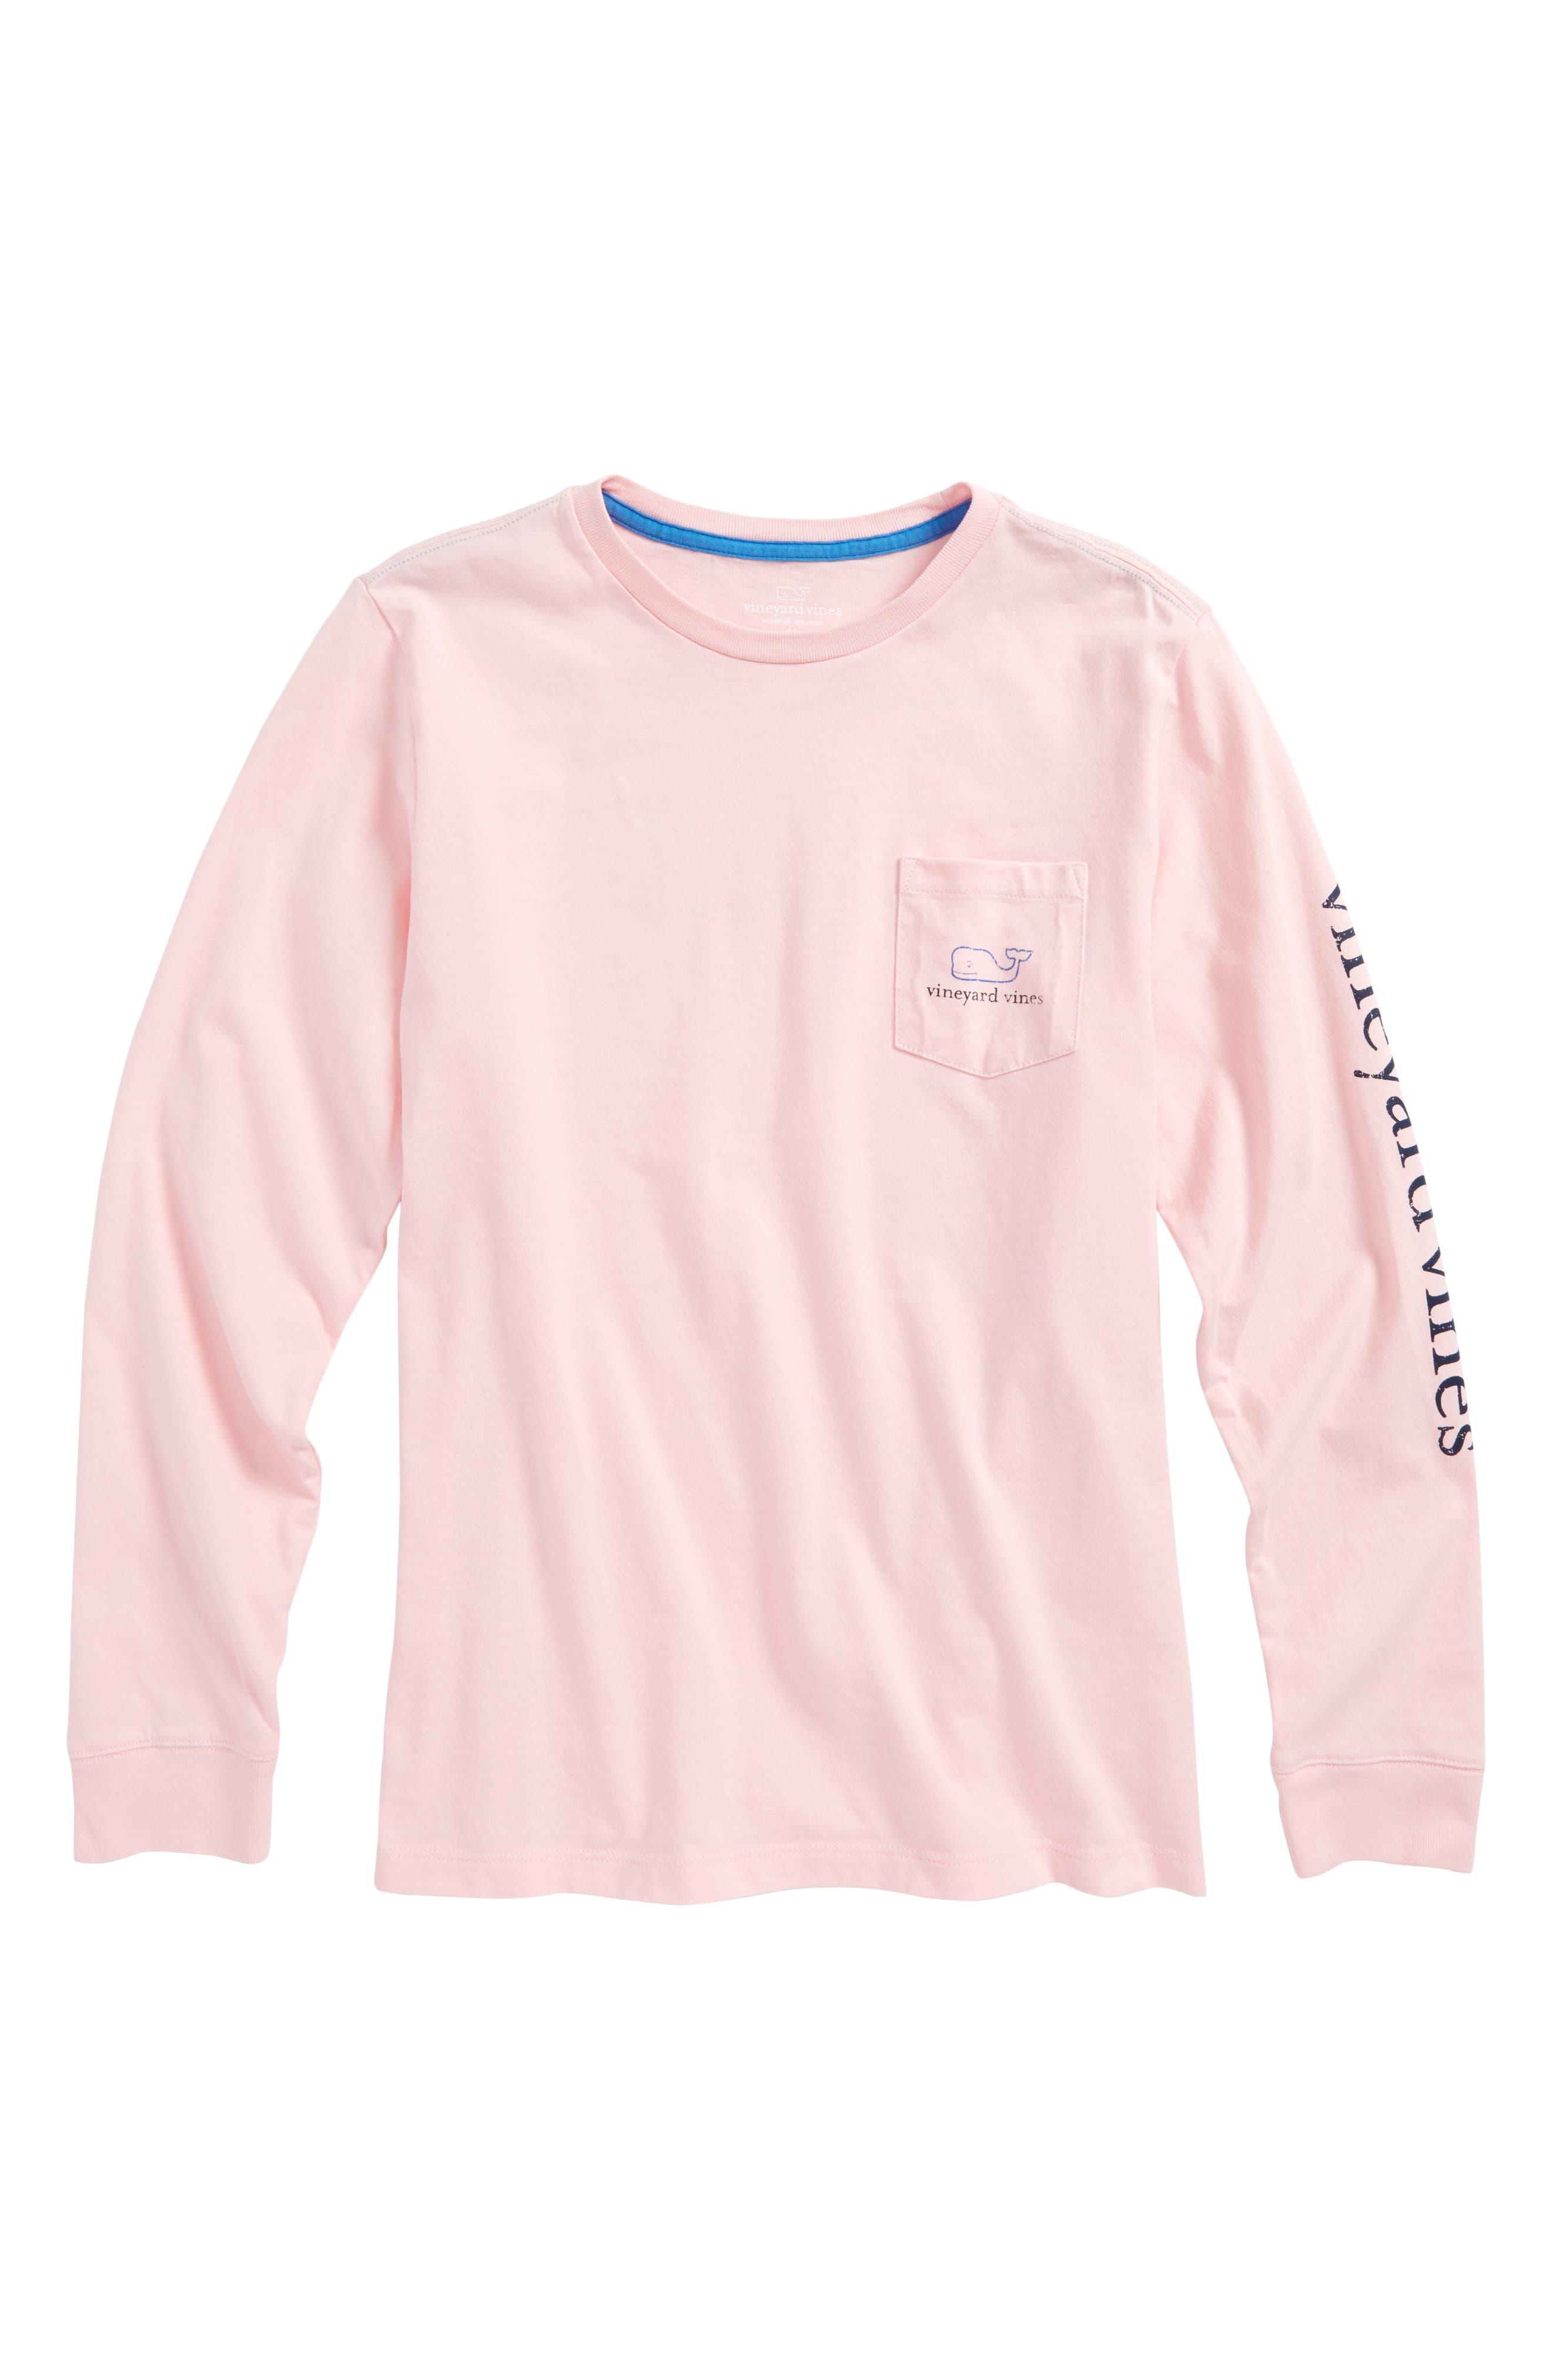 Vintage Whale Long Sleeve Pocket T-Shirt,                             Main thumbnail 1, color,                             Flamingo